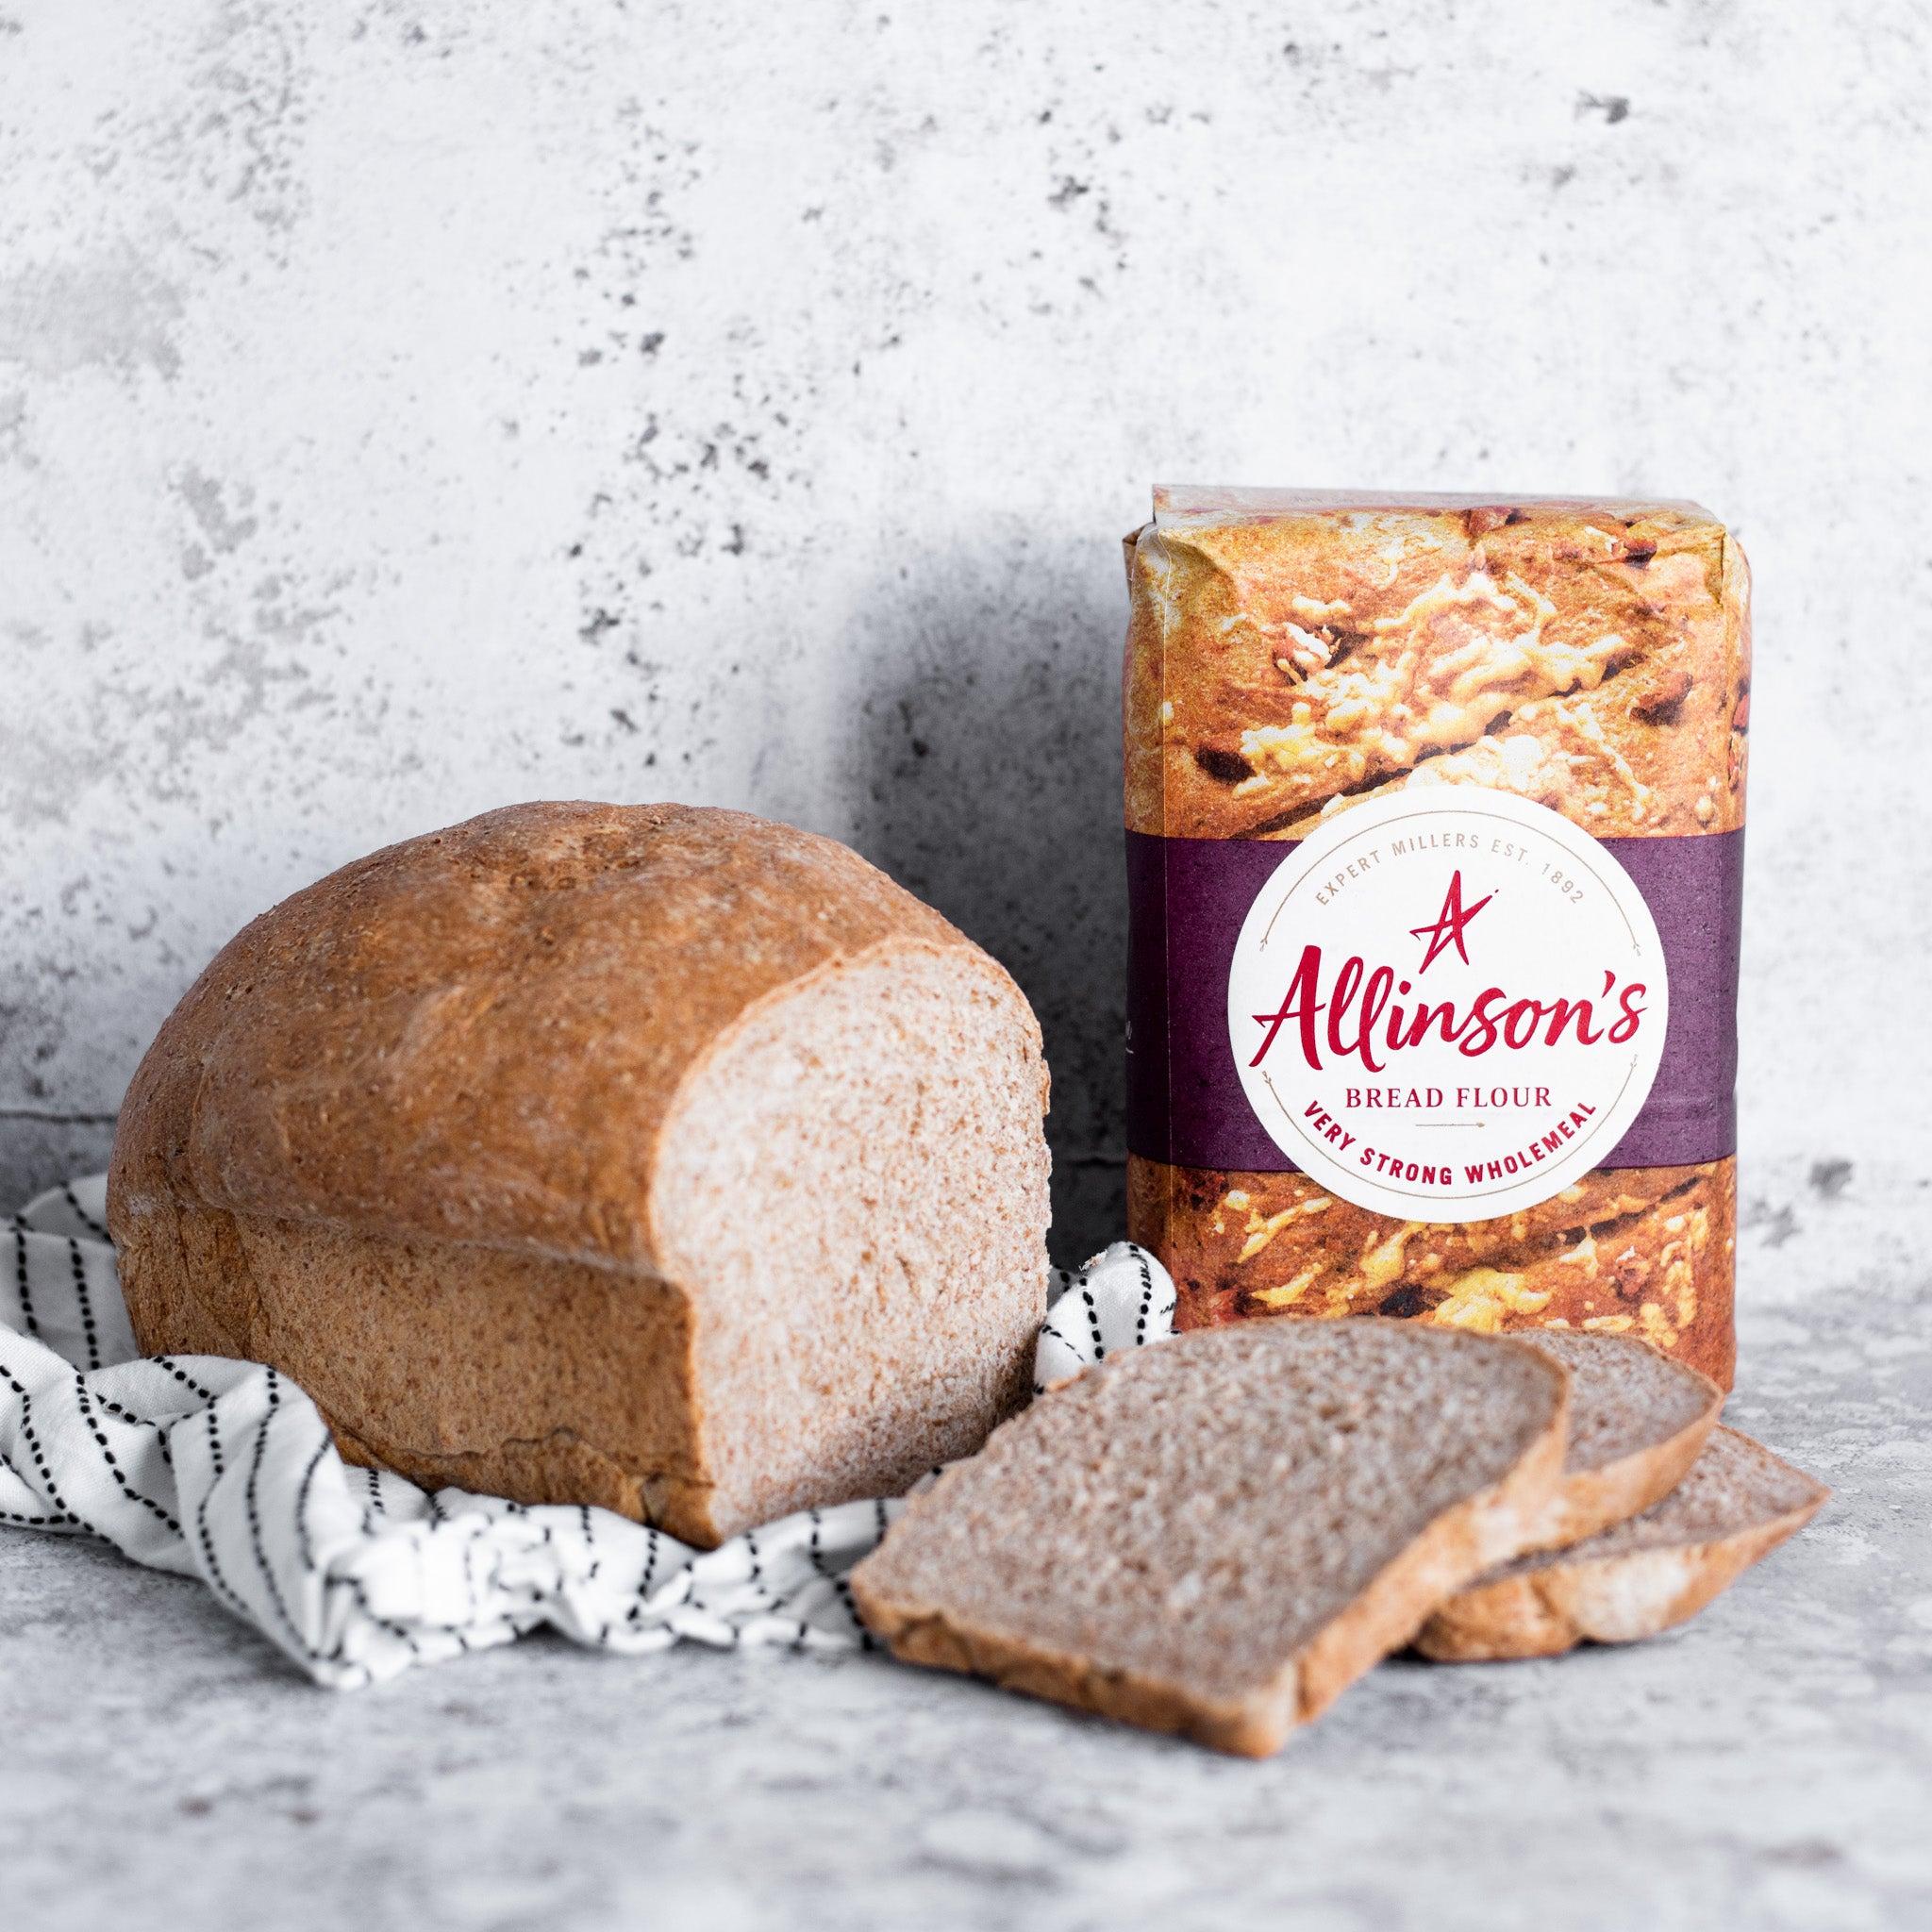 Allinsons-Wholemeal-Loaf-1-1-Baking-Mad-3.jpg